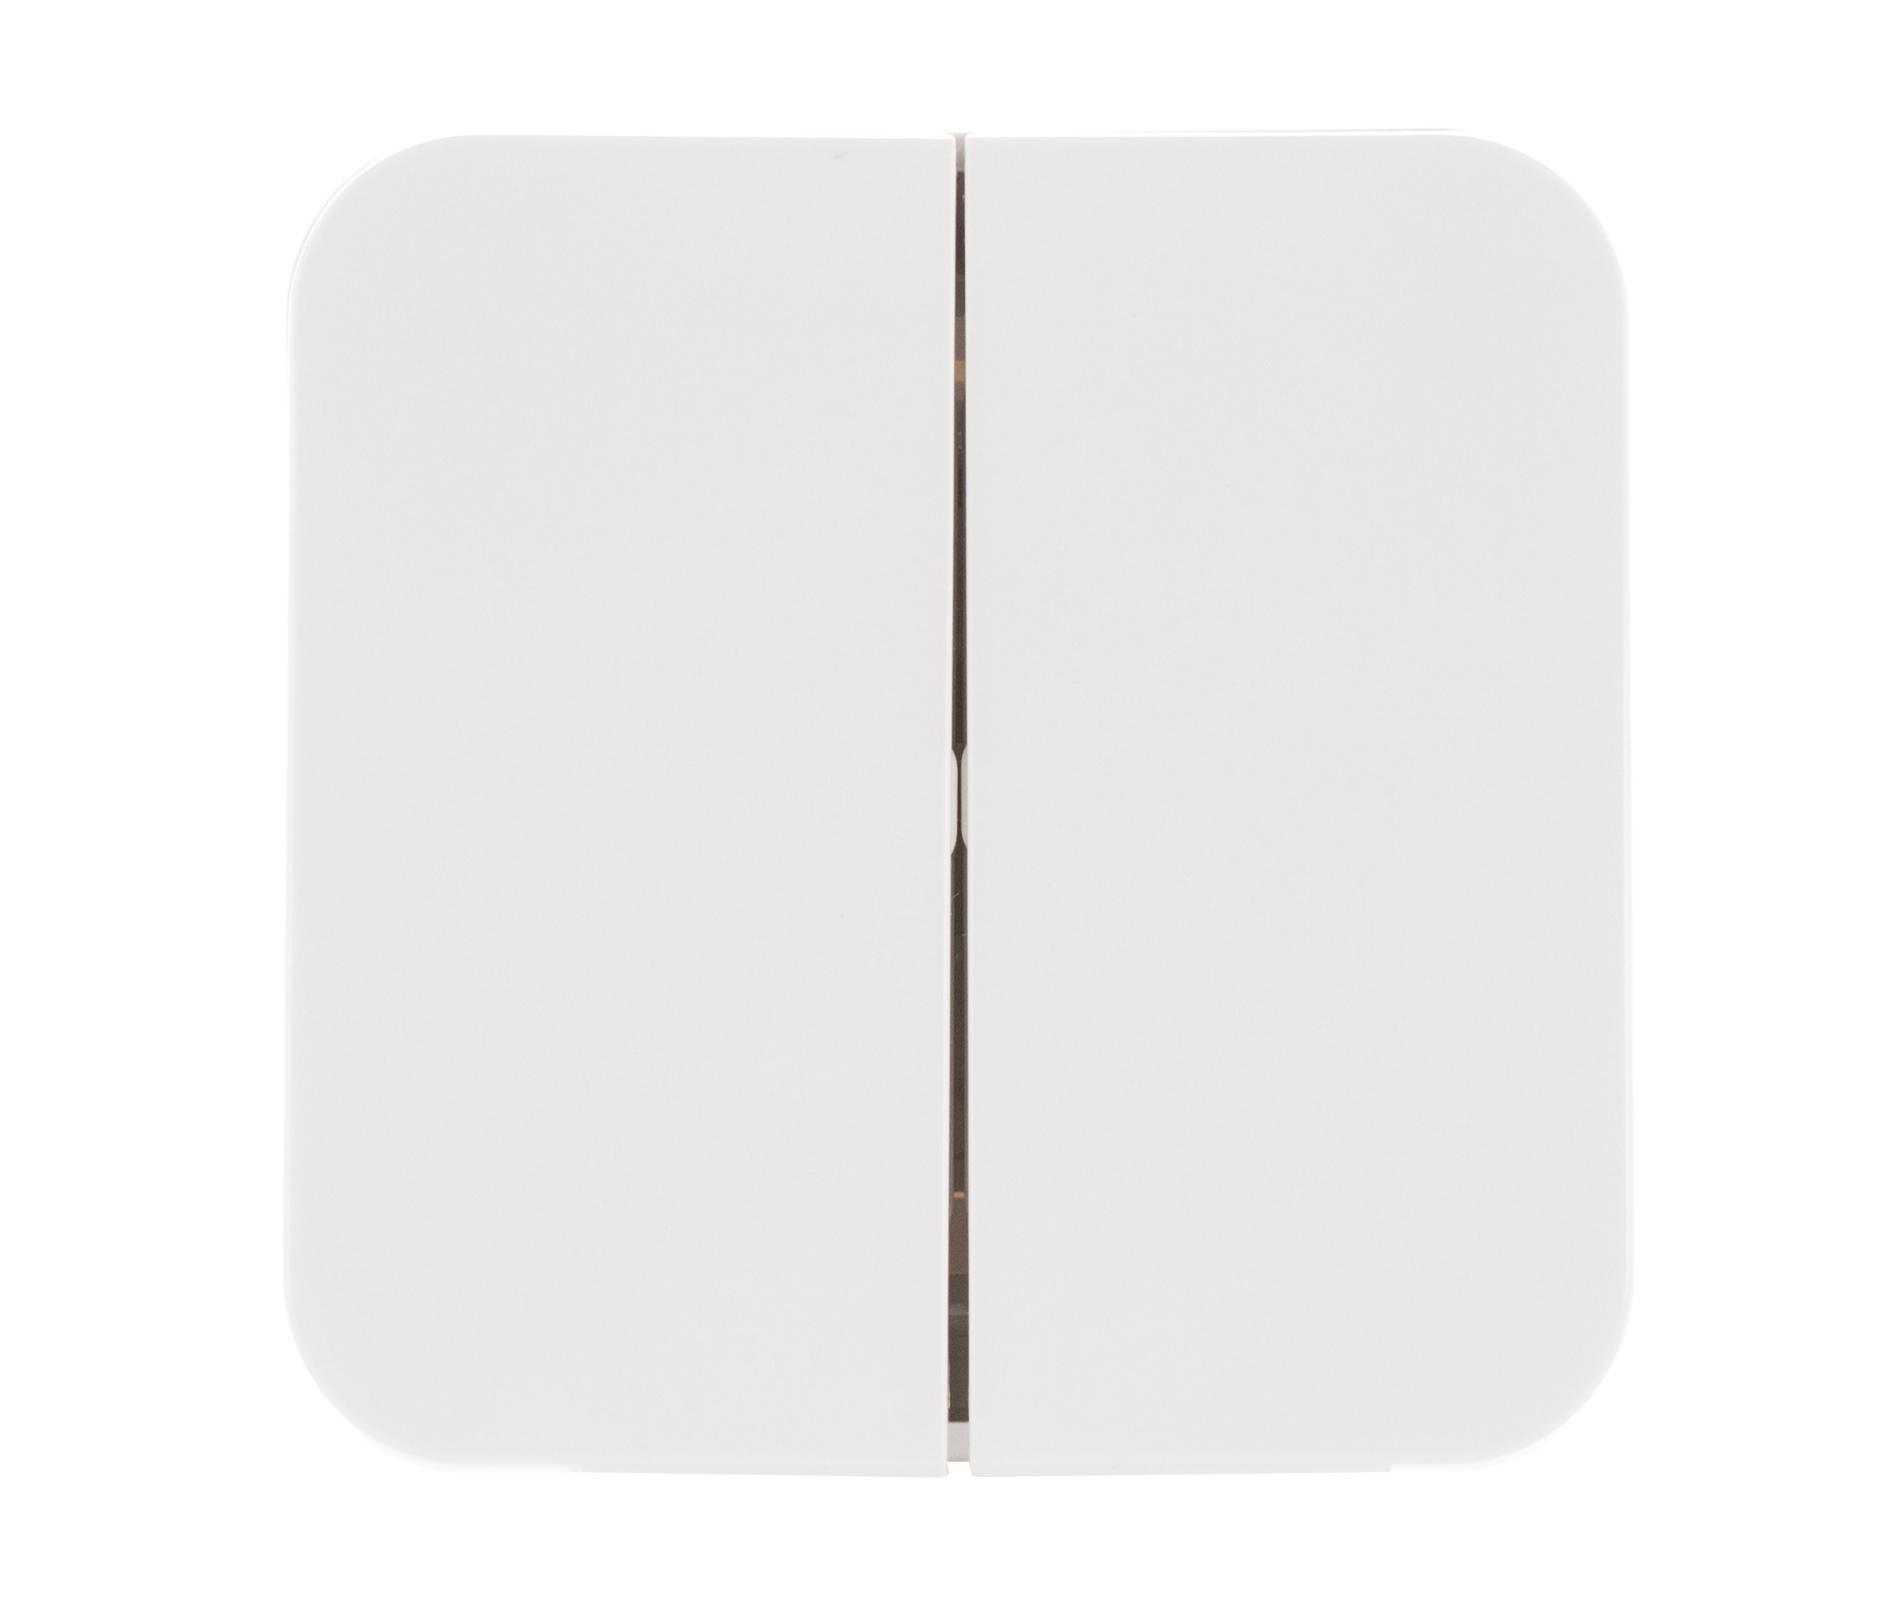 Выключатель Schneider electric Blnva105011 blanca выключатель gsl000497 schneider electric